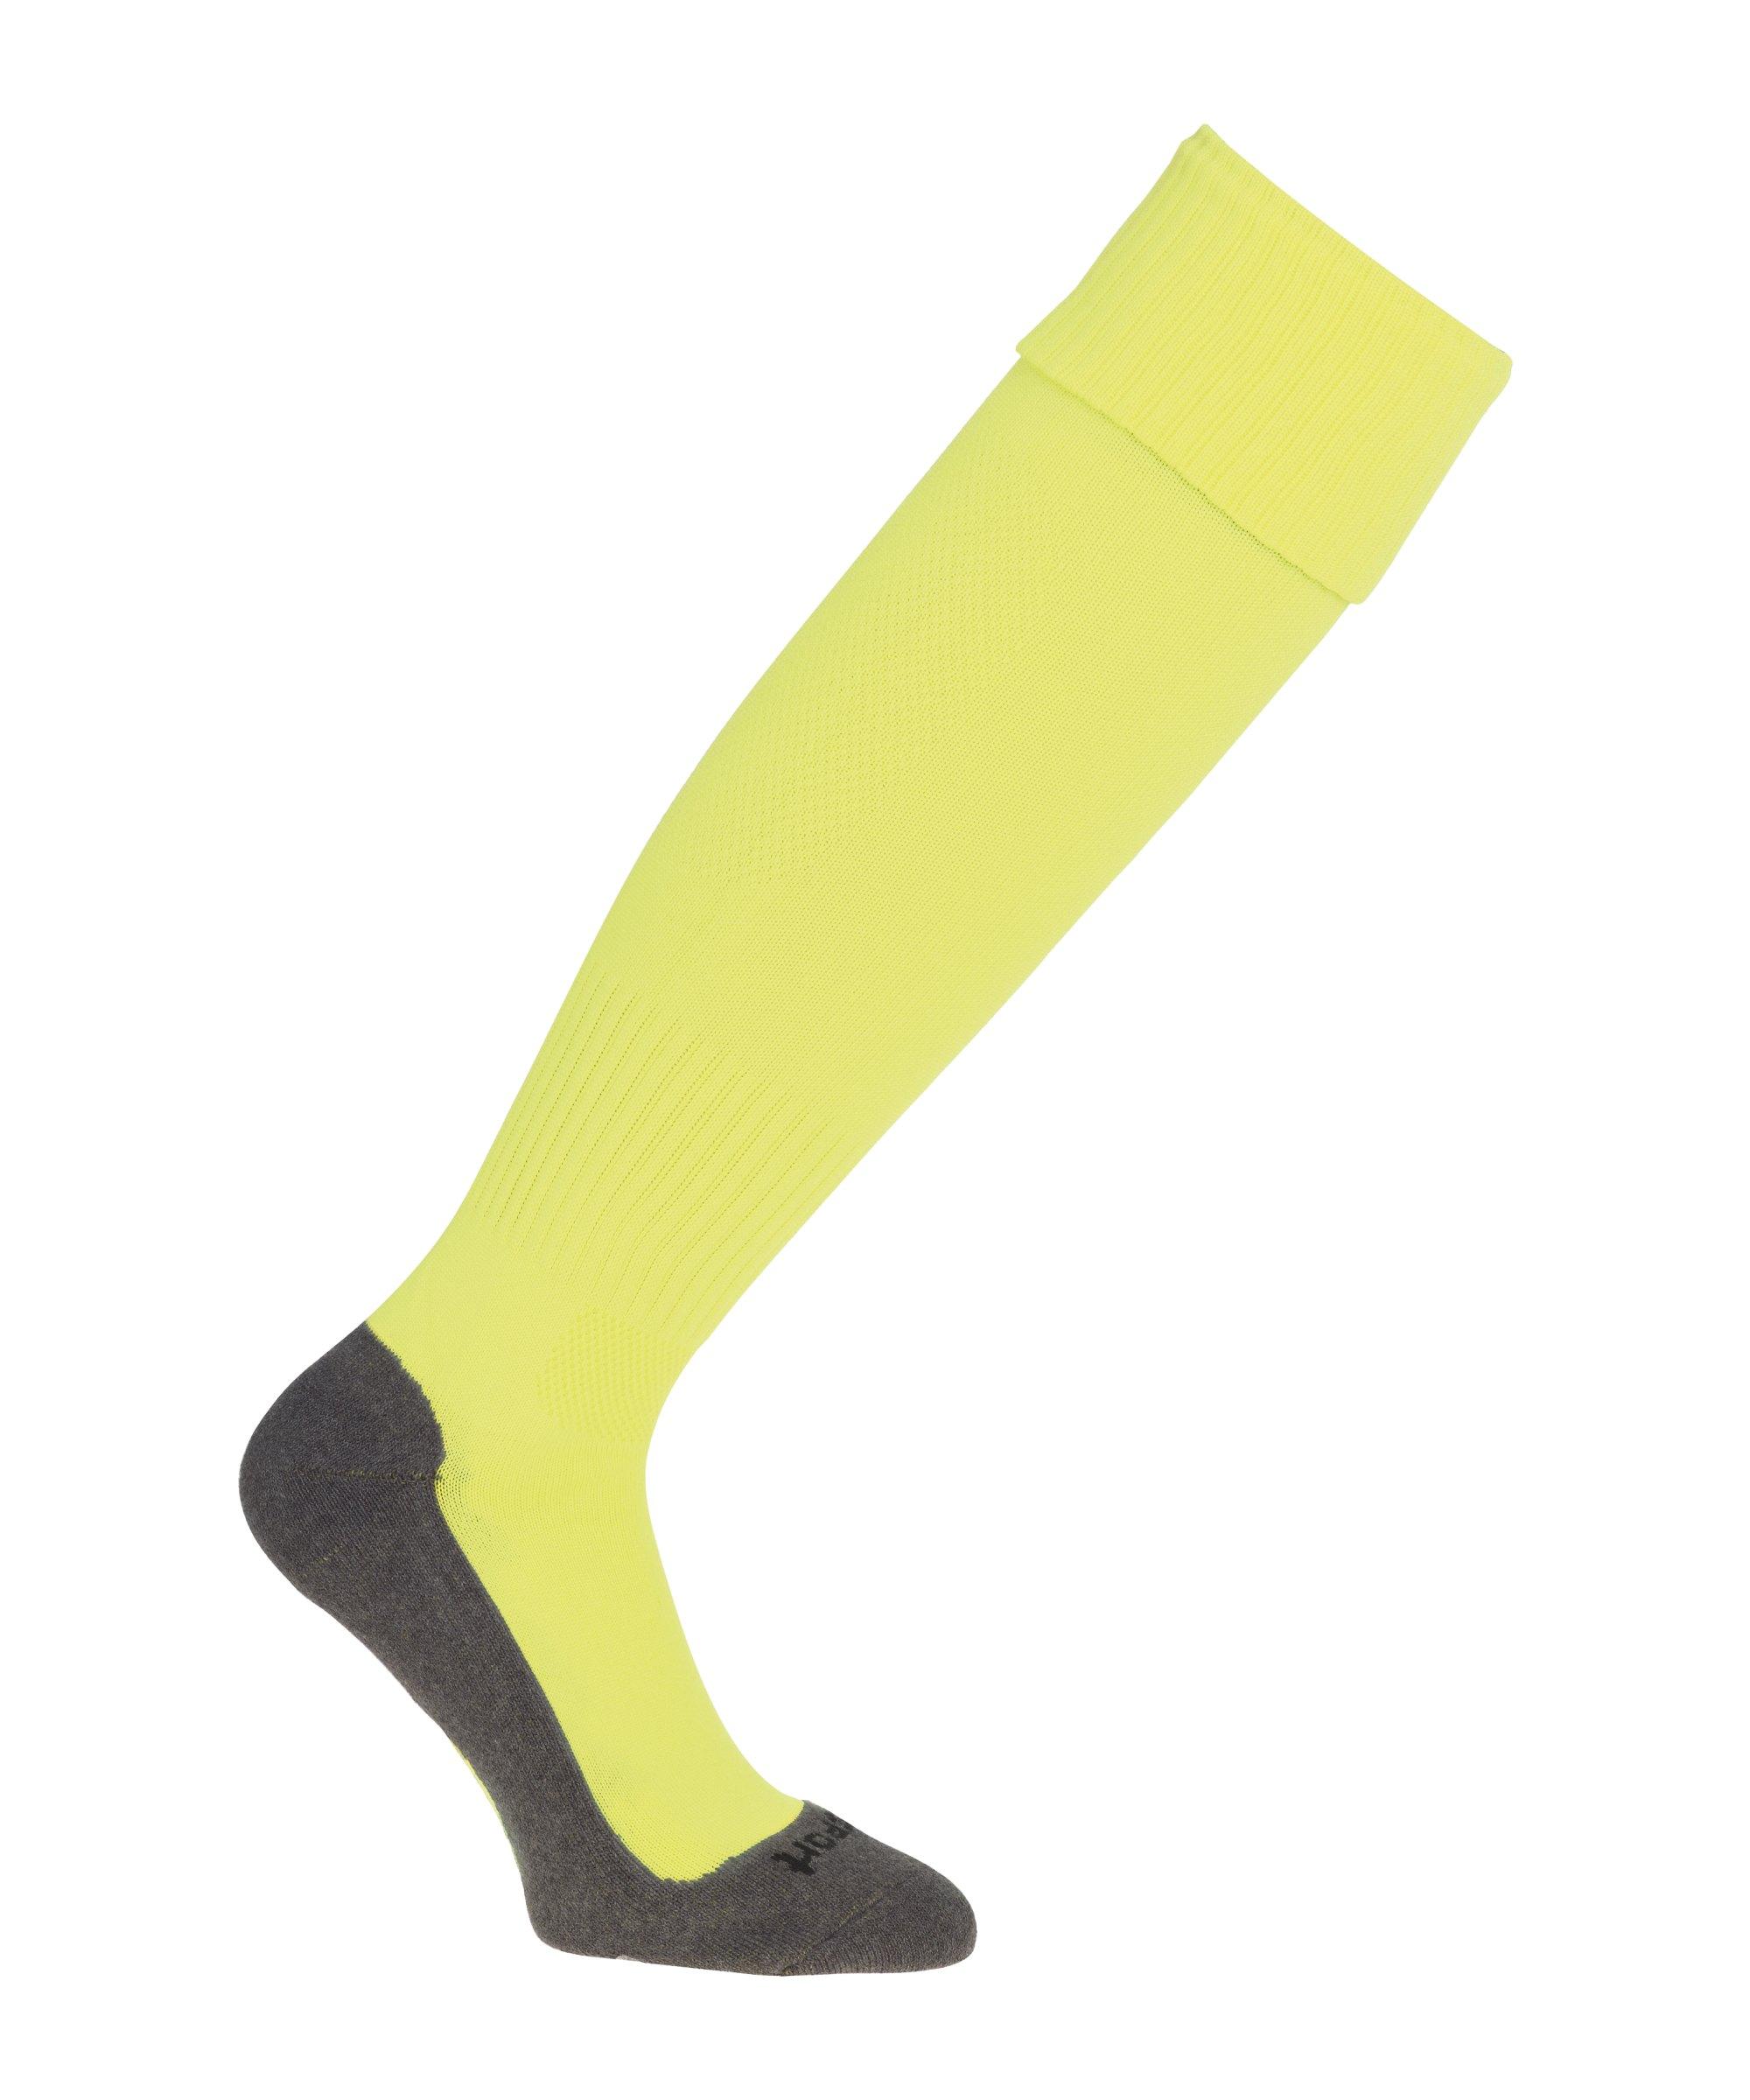 Uhlsport Team Pro Essential Stutzenstrumpf F20 - gelb